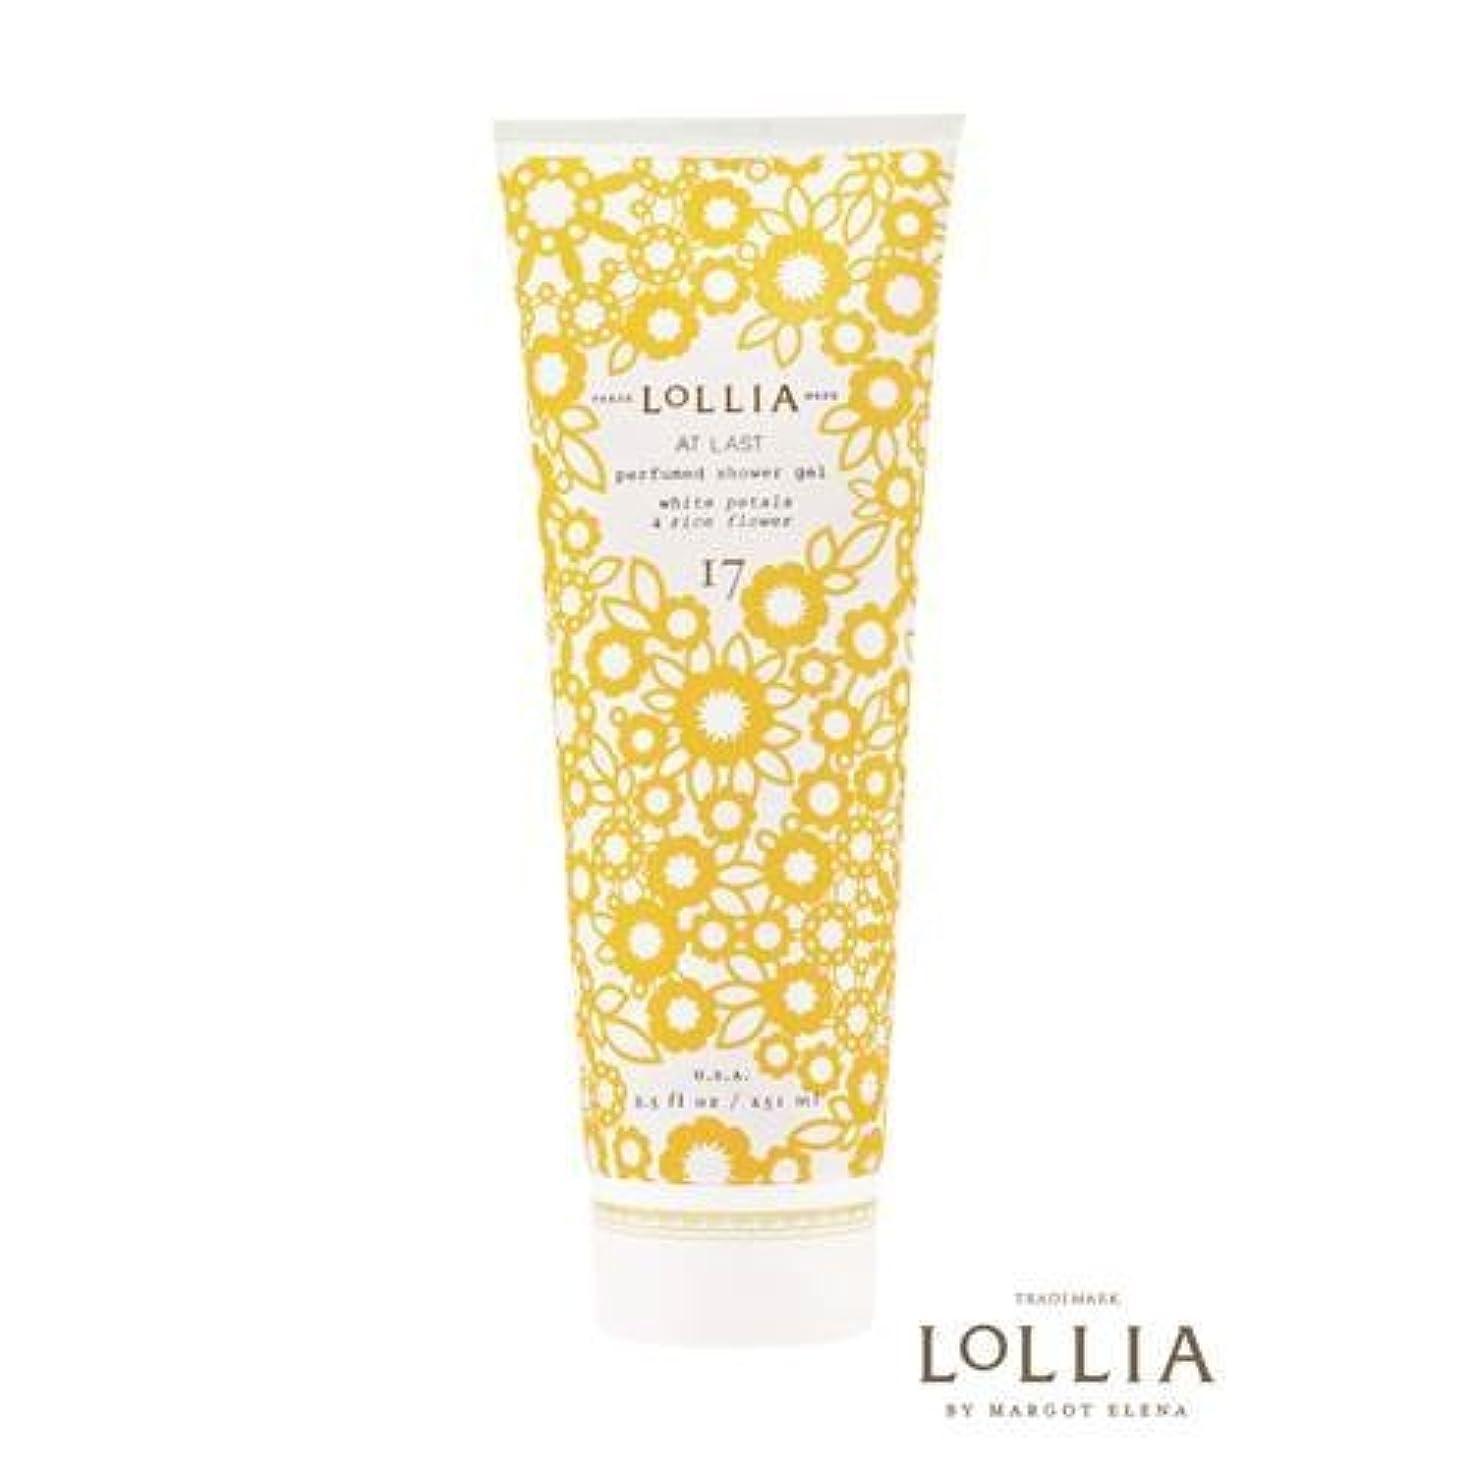 黙認する動的近傍ロリア(LoLLIA) パフュームドシャワージェル AtLast 251ml(全身用洗浄料 ボディーソープ ライスフラワー、マグノリアとミモザの柔らかな花々の香り)